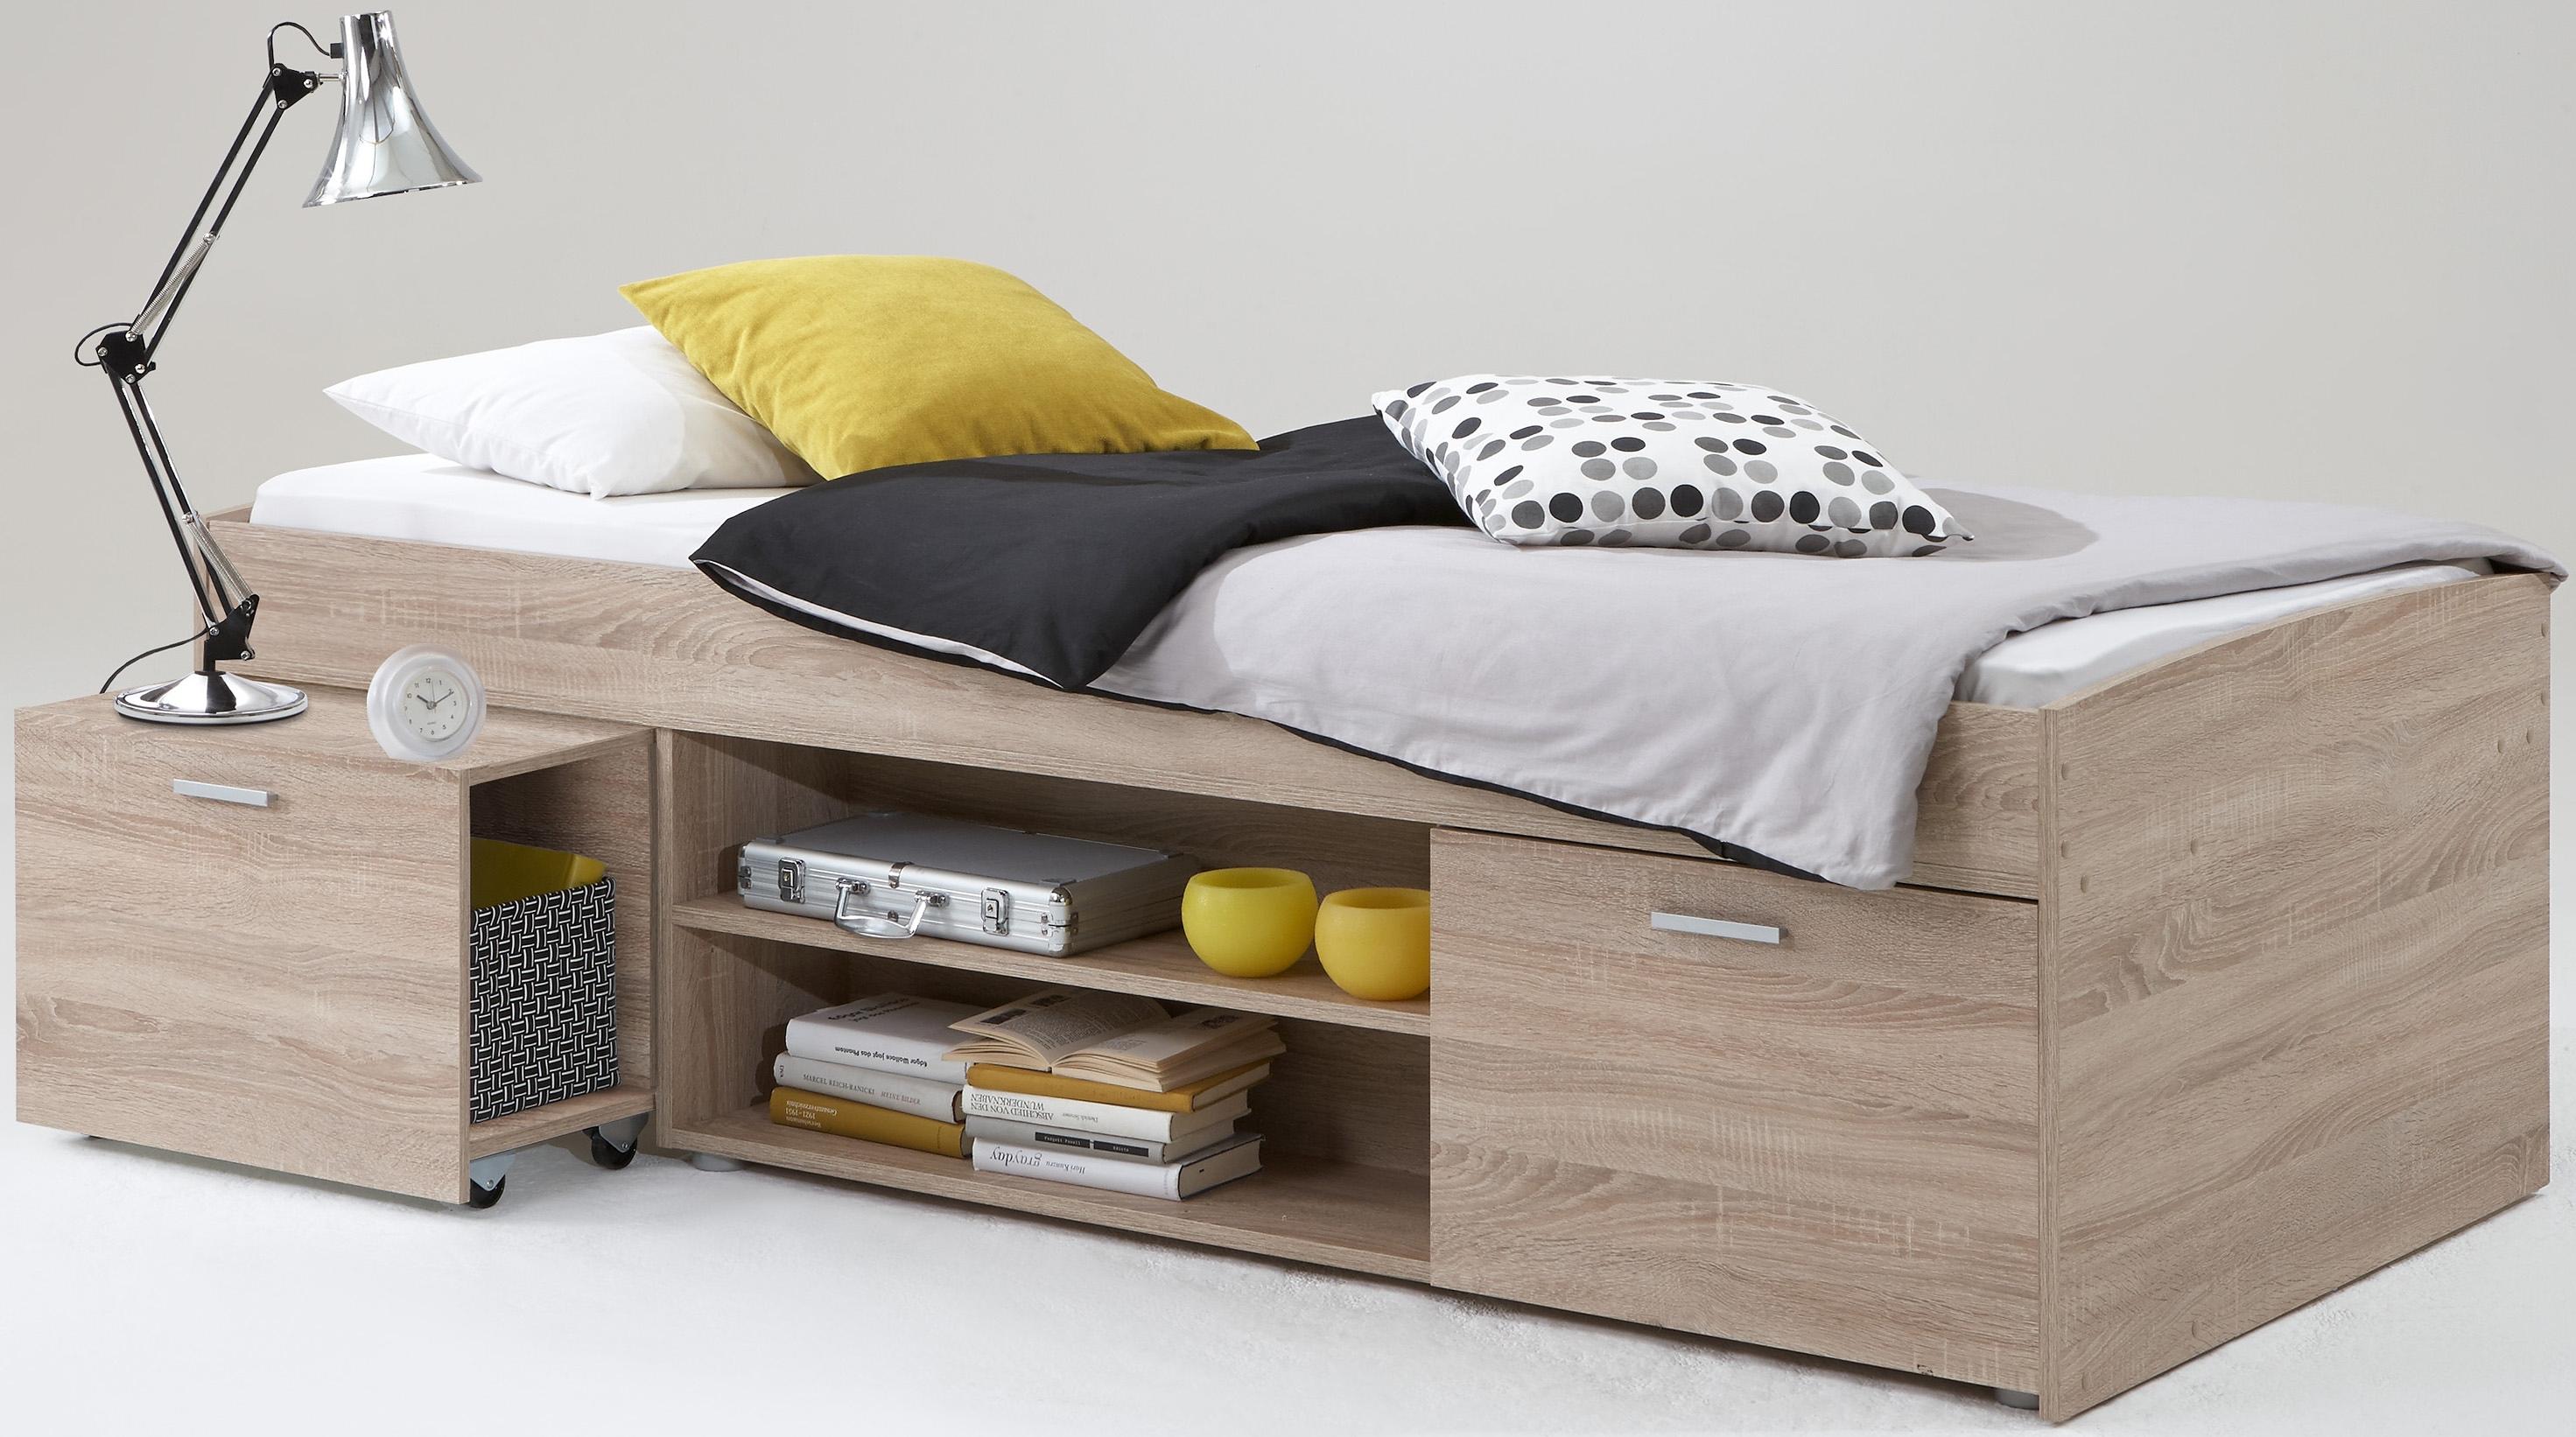 Fmd Functioneel Bed met nachtkastje - verschillende betaalmethodes